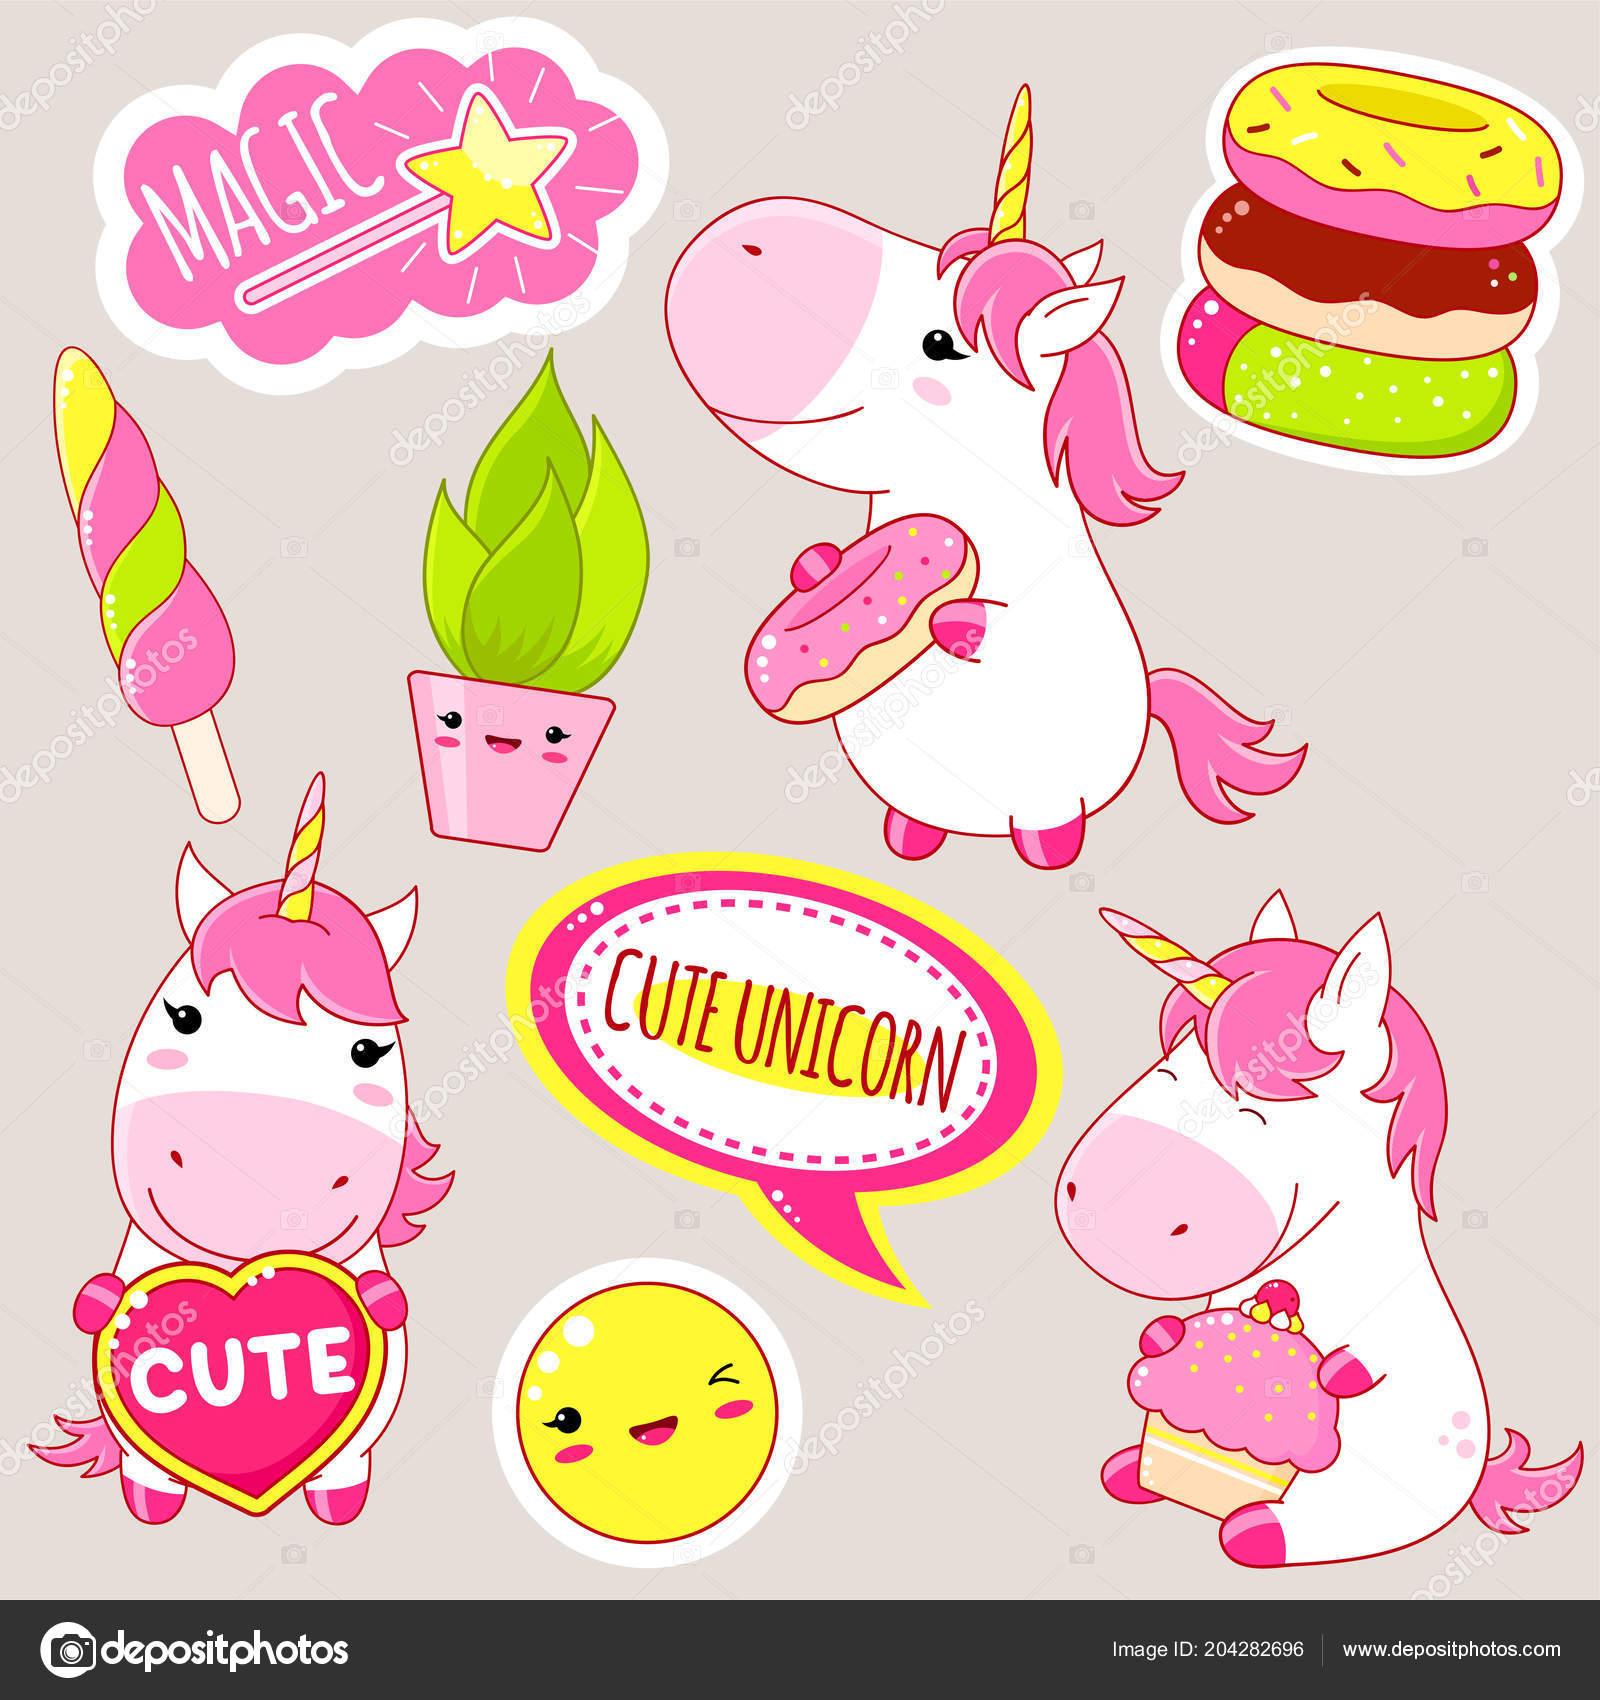 Juego Unicornios Lindos Estilo Kawaii Unicornio Con Donut Pastel